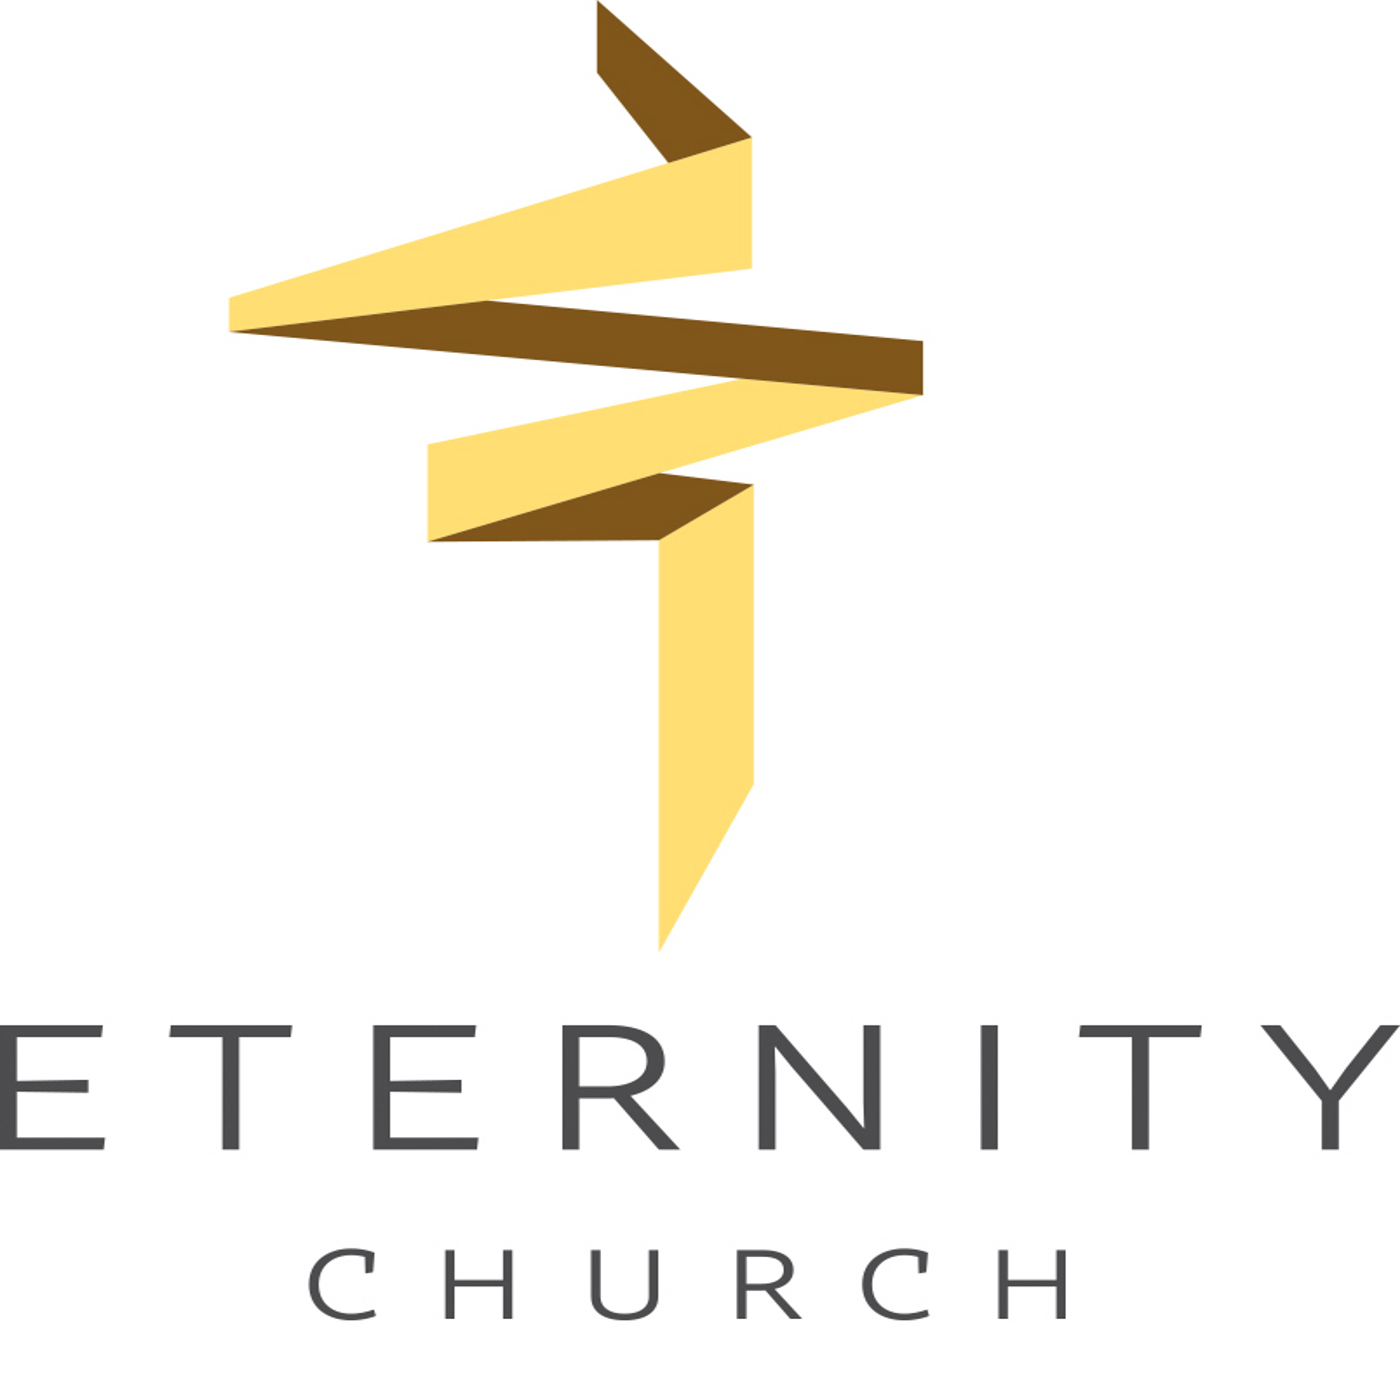 Eternity Church - Des Moines